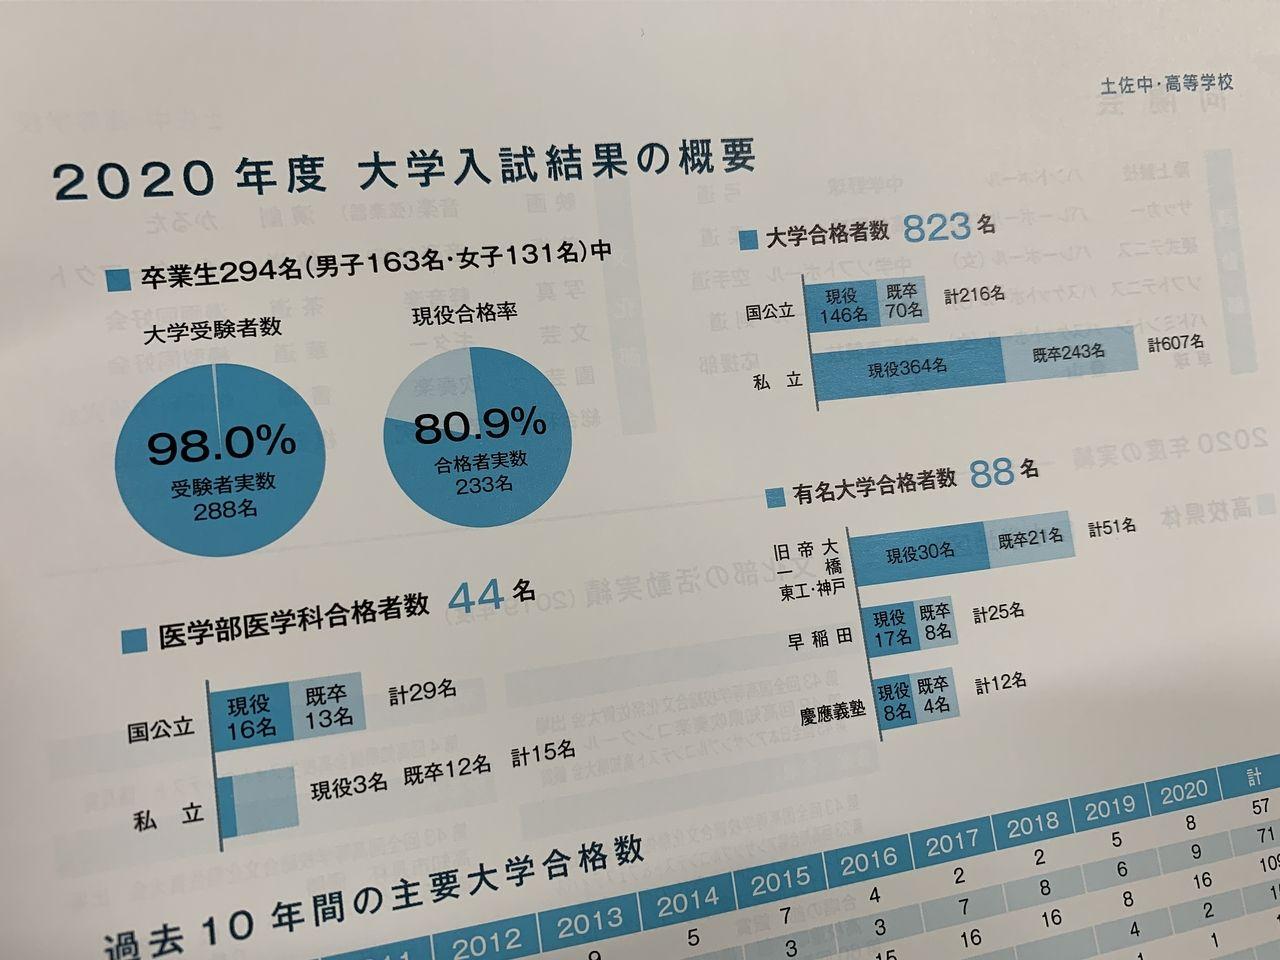 土佐高等学校2020年度大学入試結果